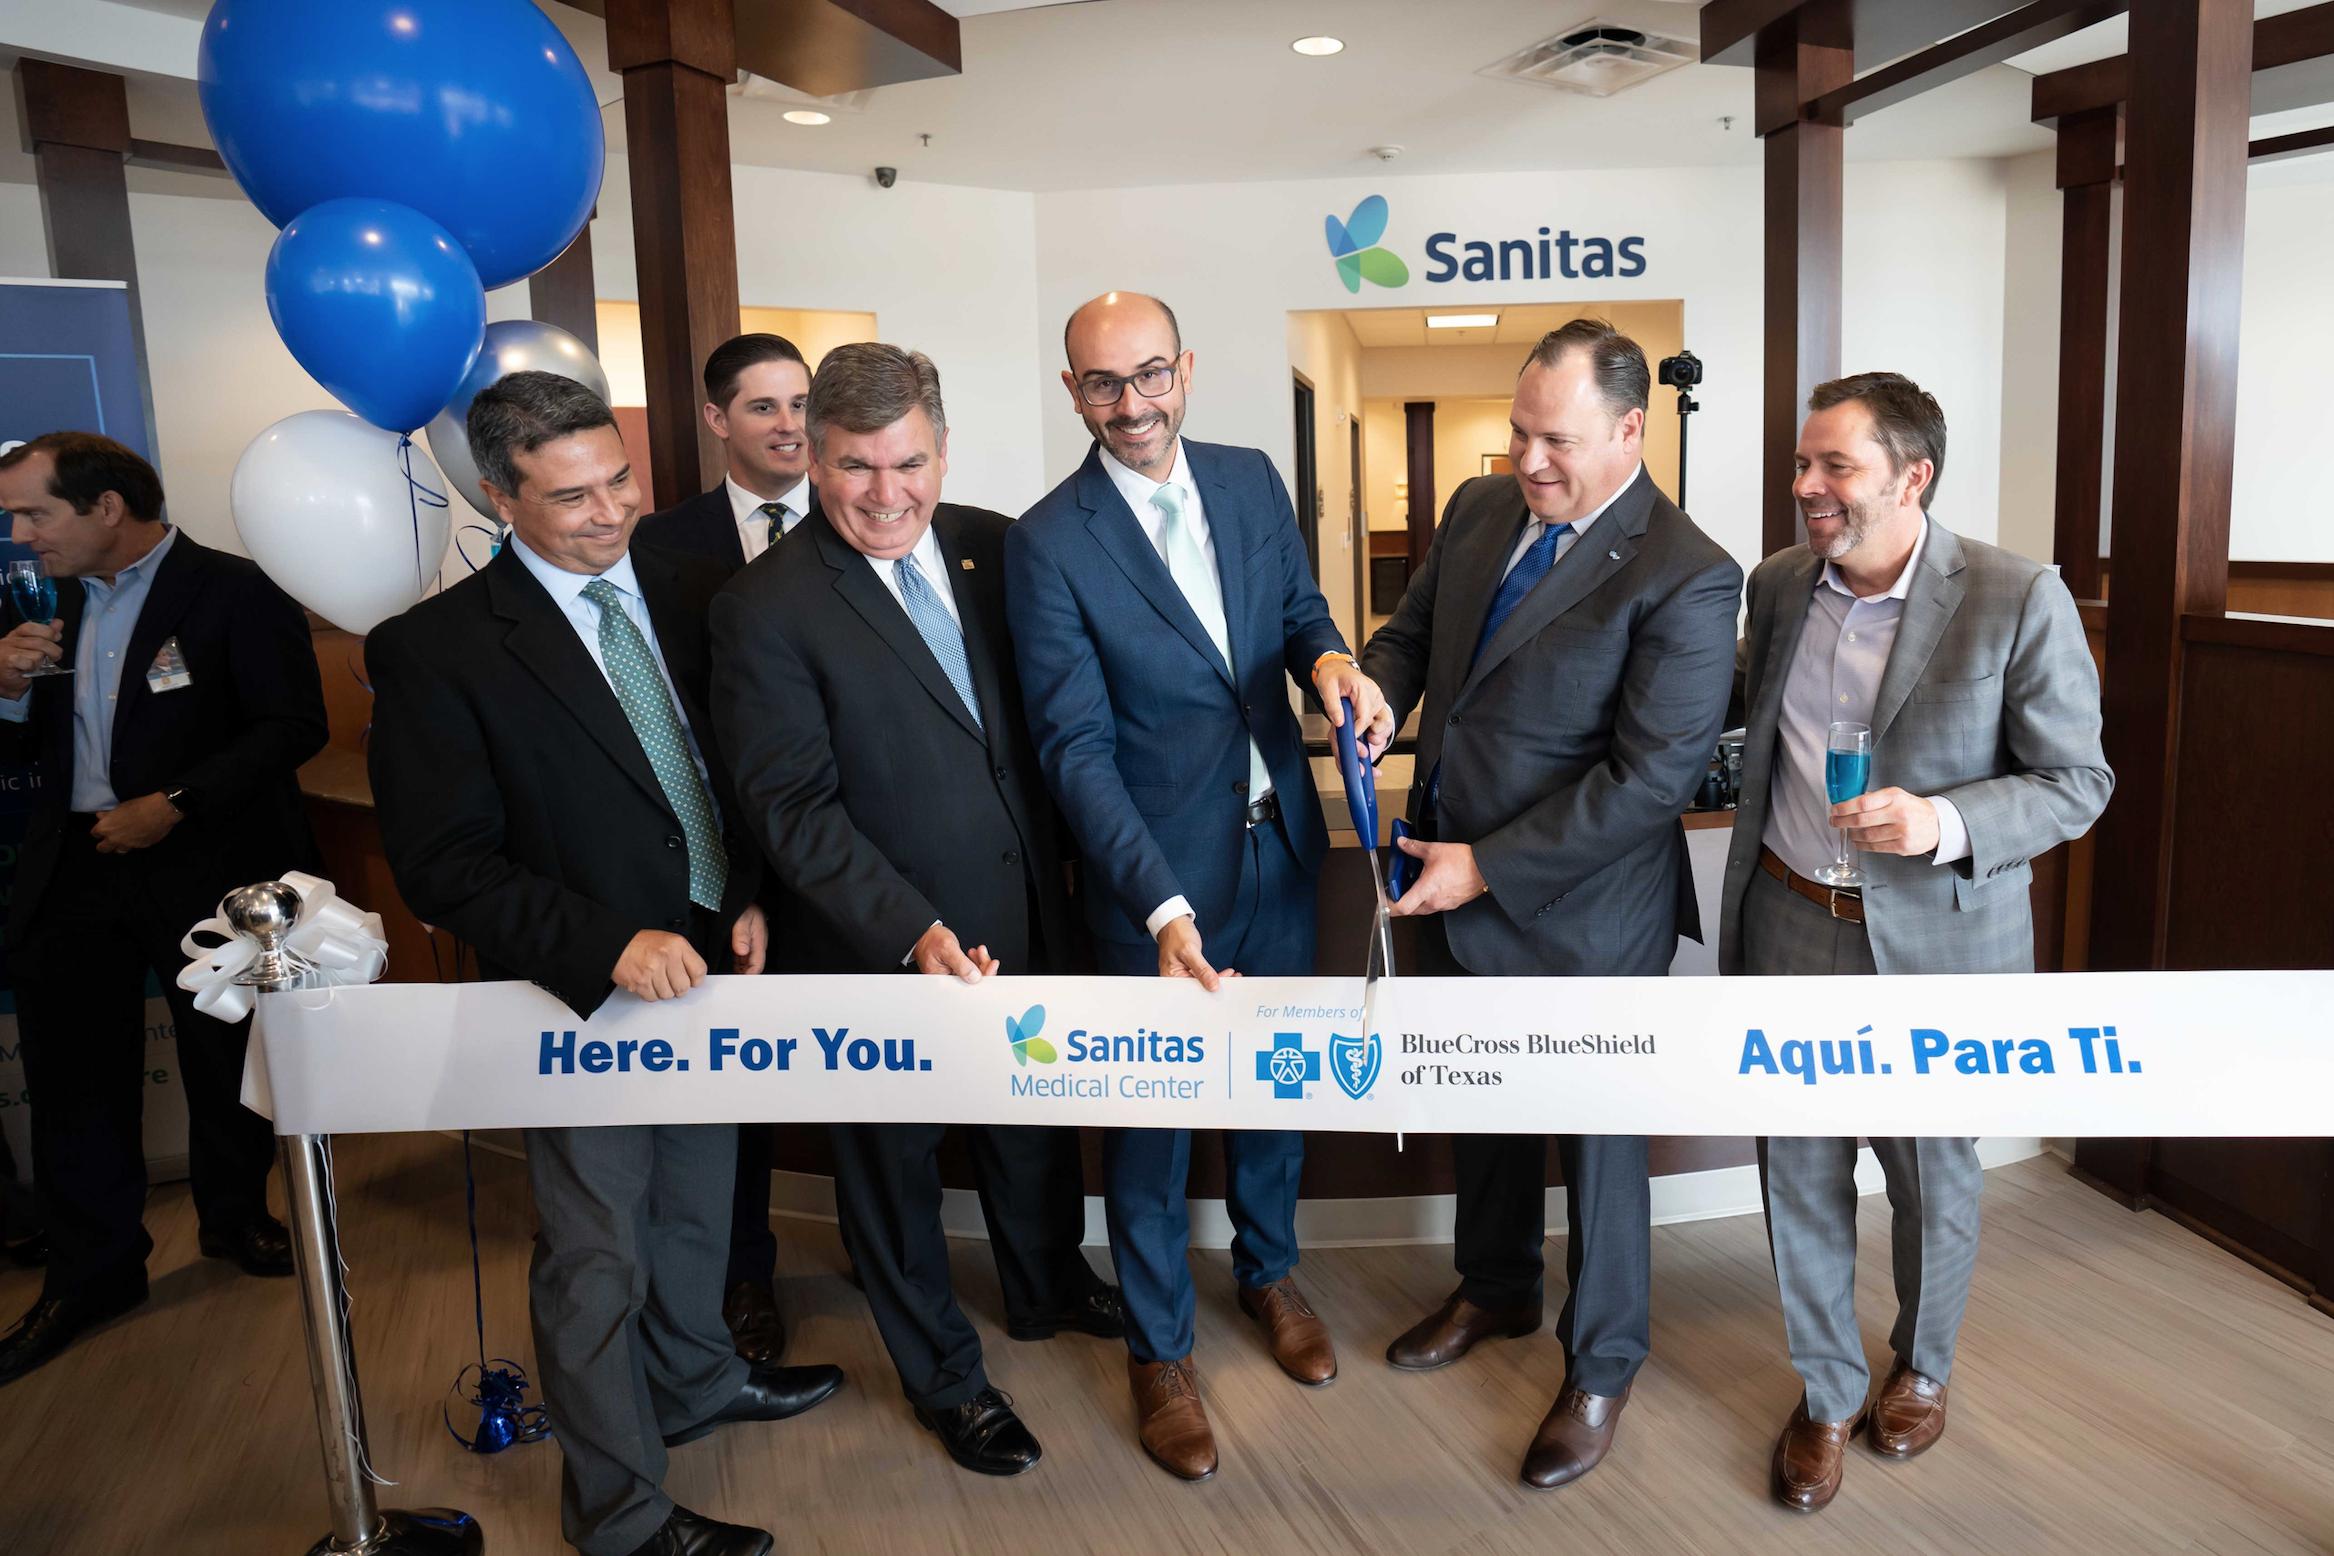 Sanitas opening